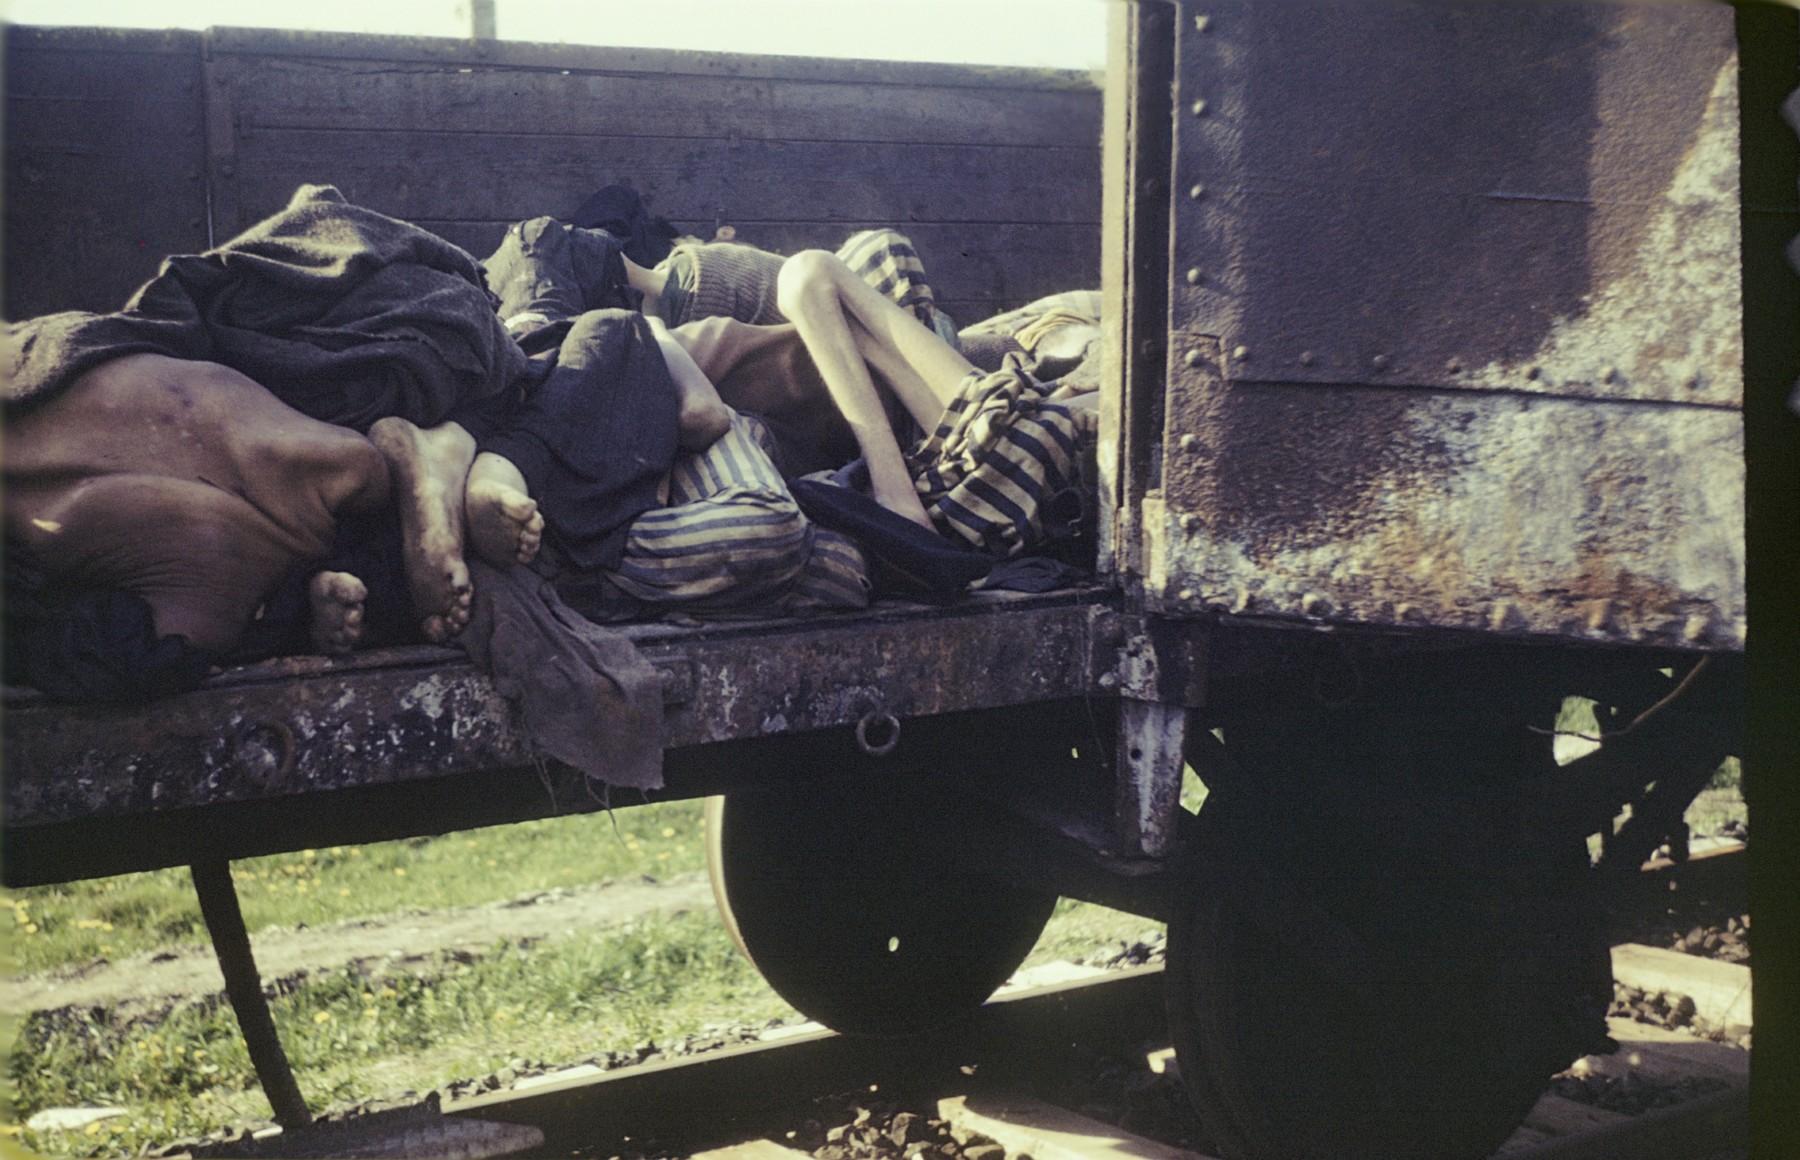 Corpses lie in an open railcar of the Dachau death train.